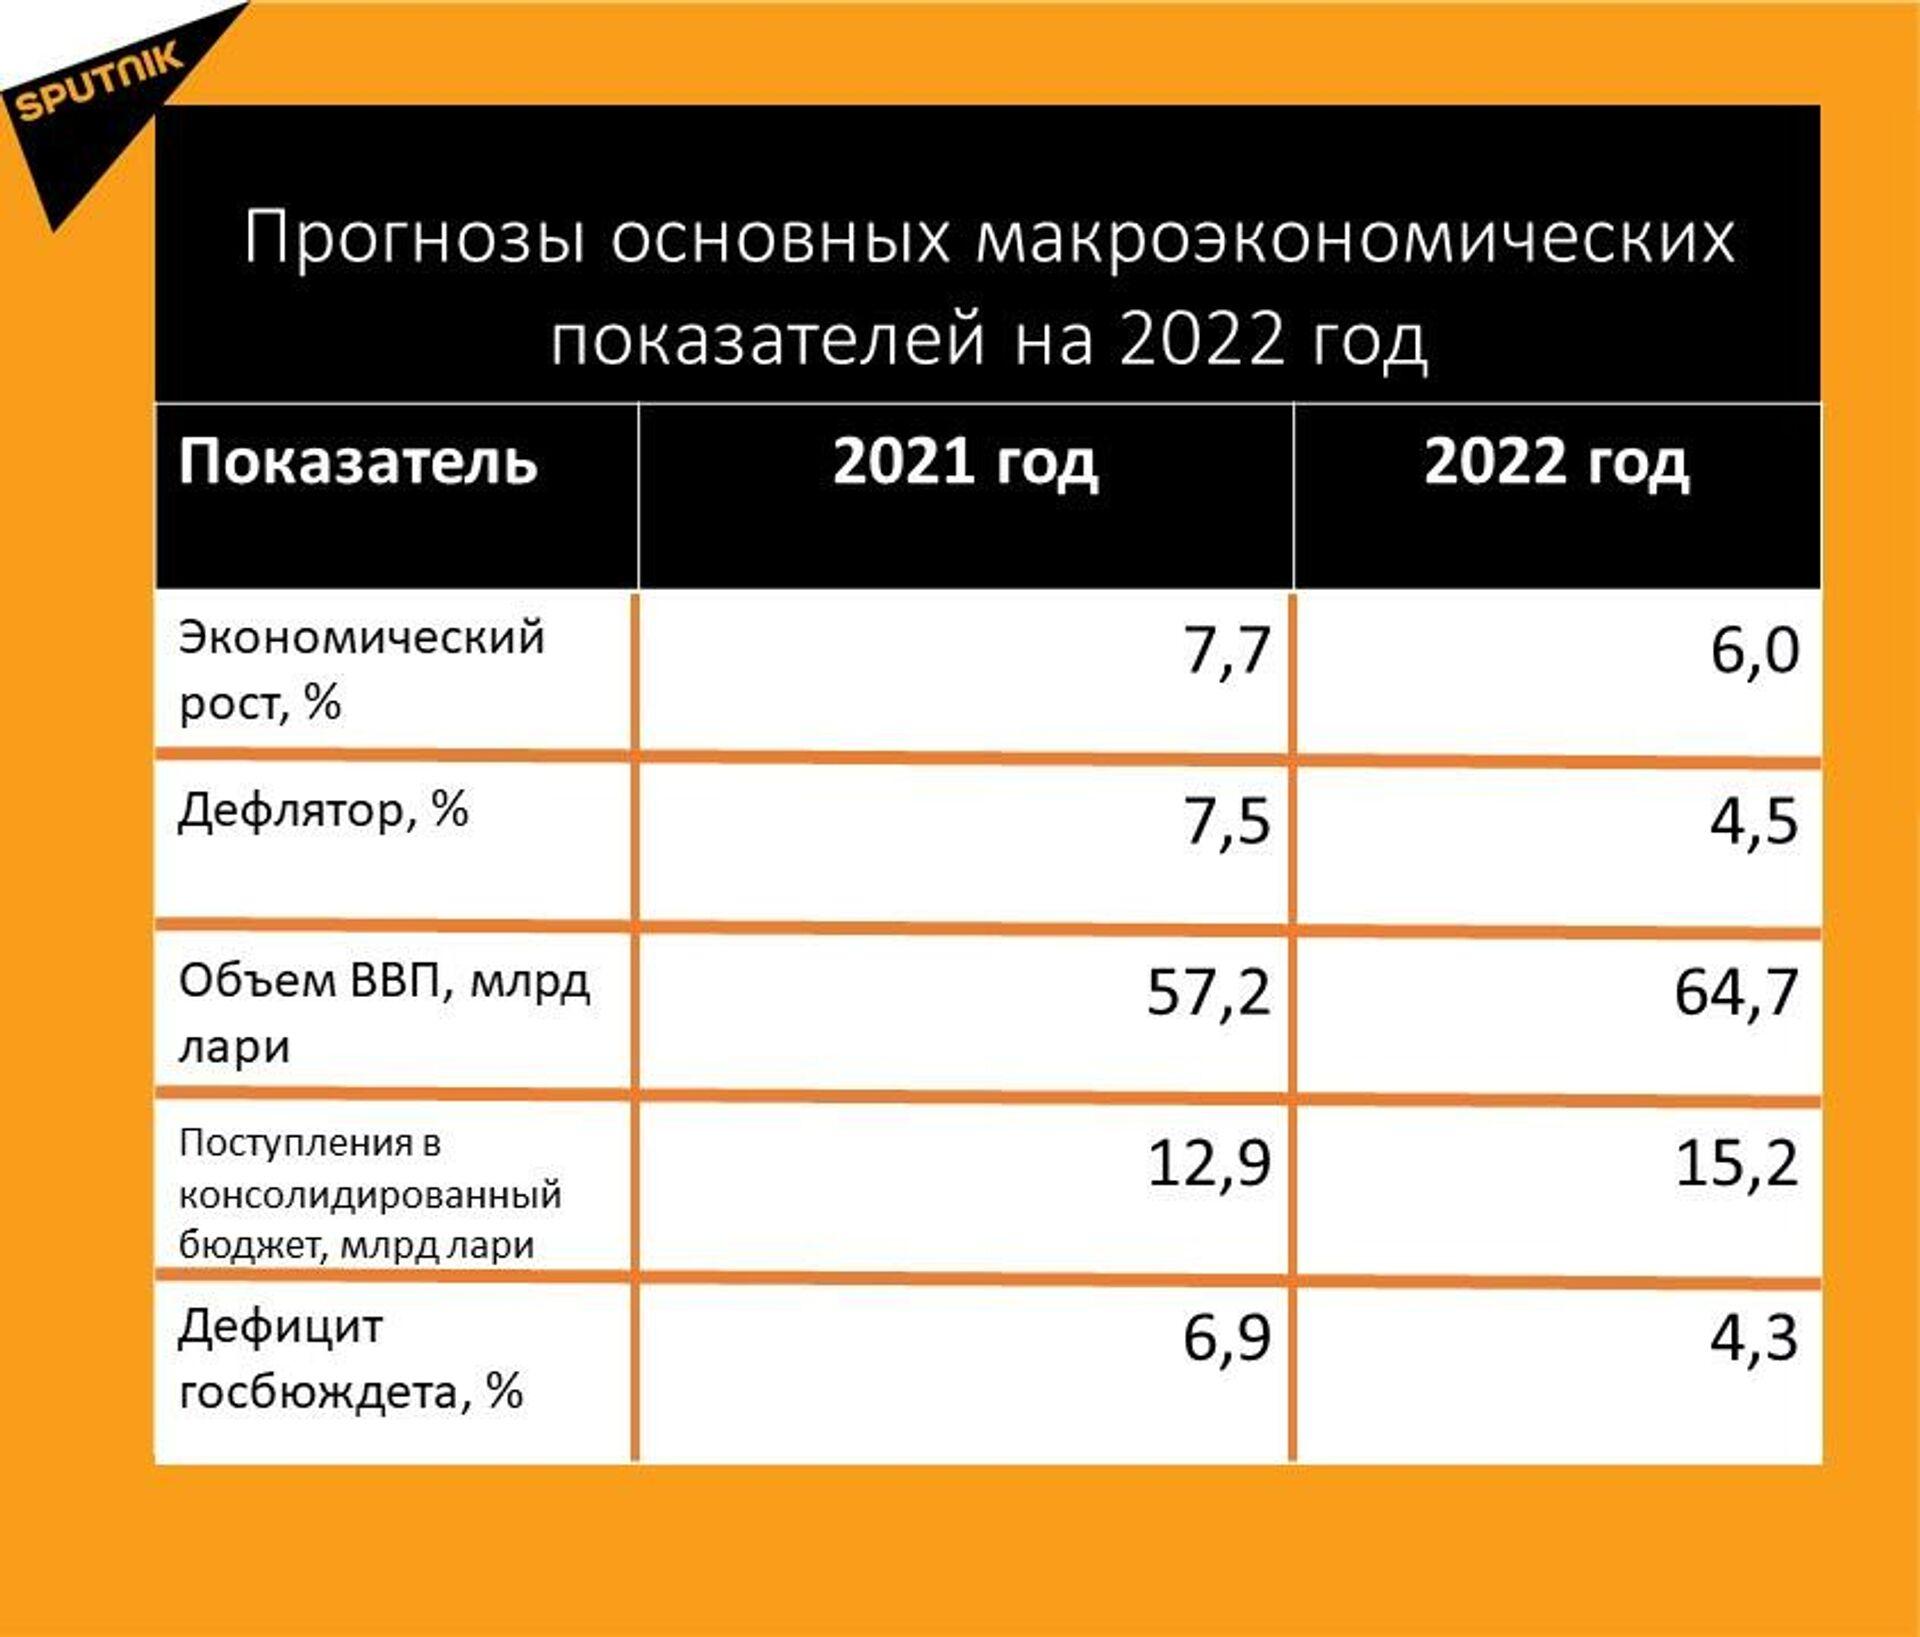 Прогноз основных макроэкономических показателей на 2022 год - Sputnik Грузия, 1920, 05.10.2021